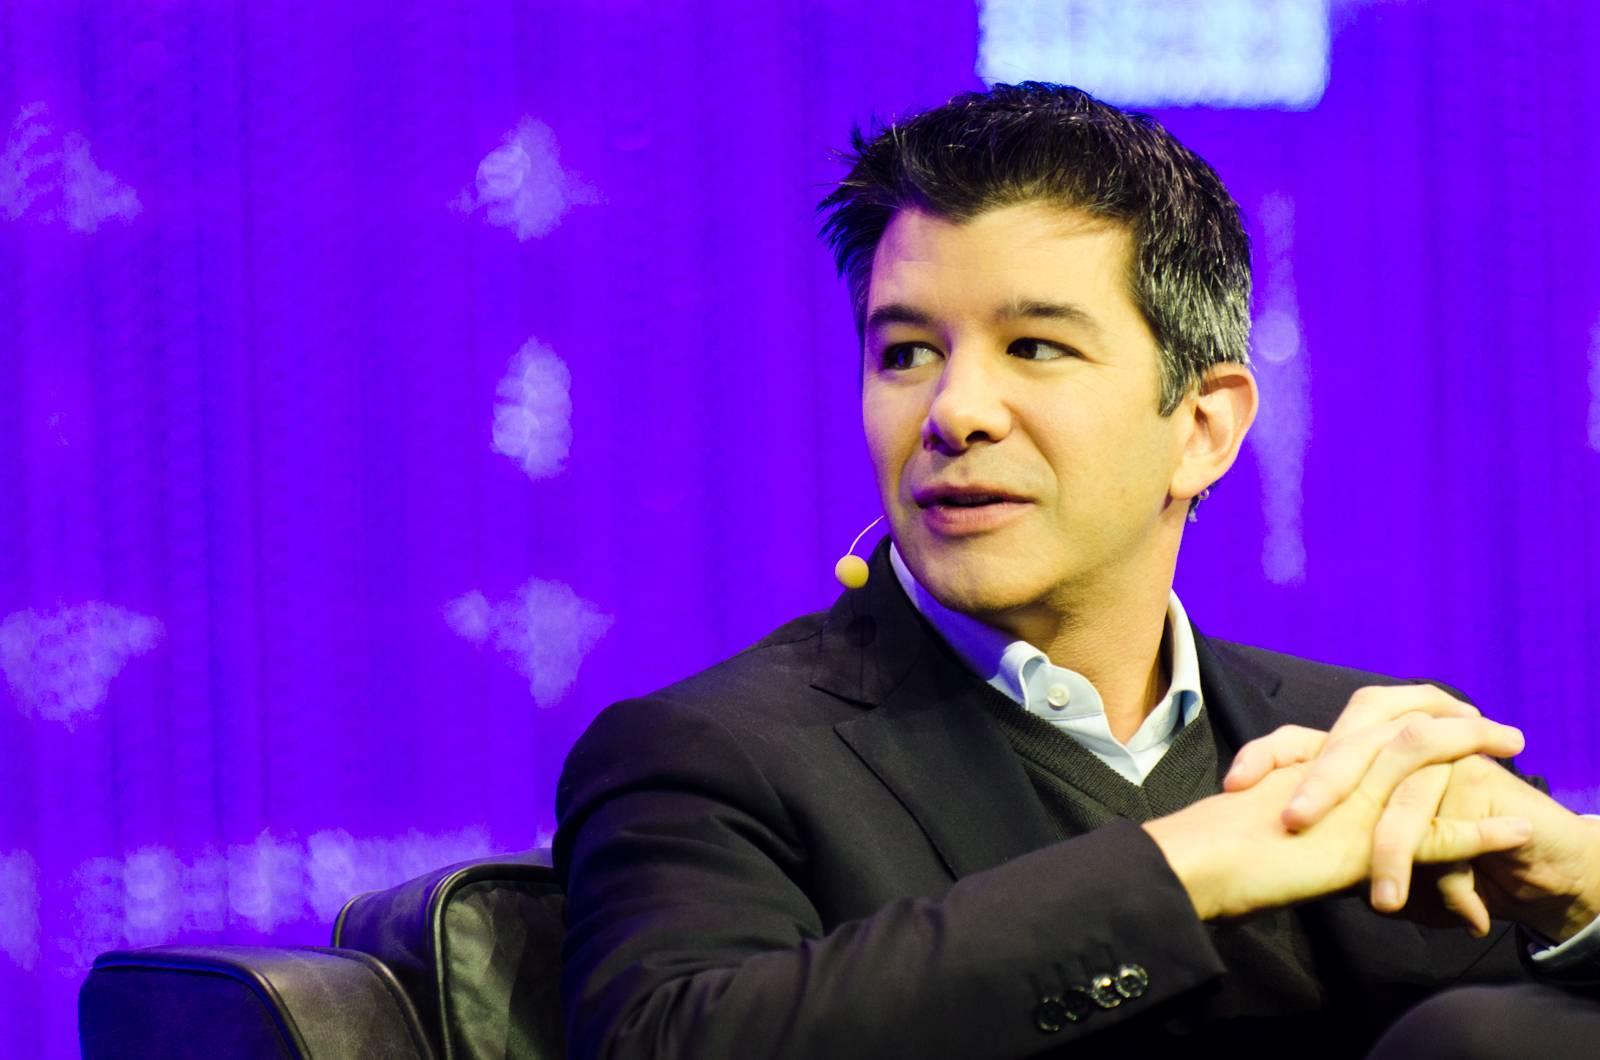 在美国已盈利的优步(Uber),在中国一年却要亏损数 10 亿美元